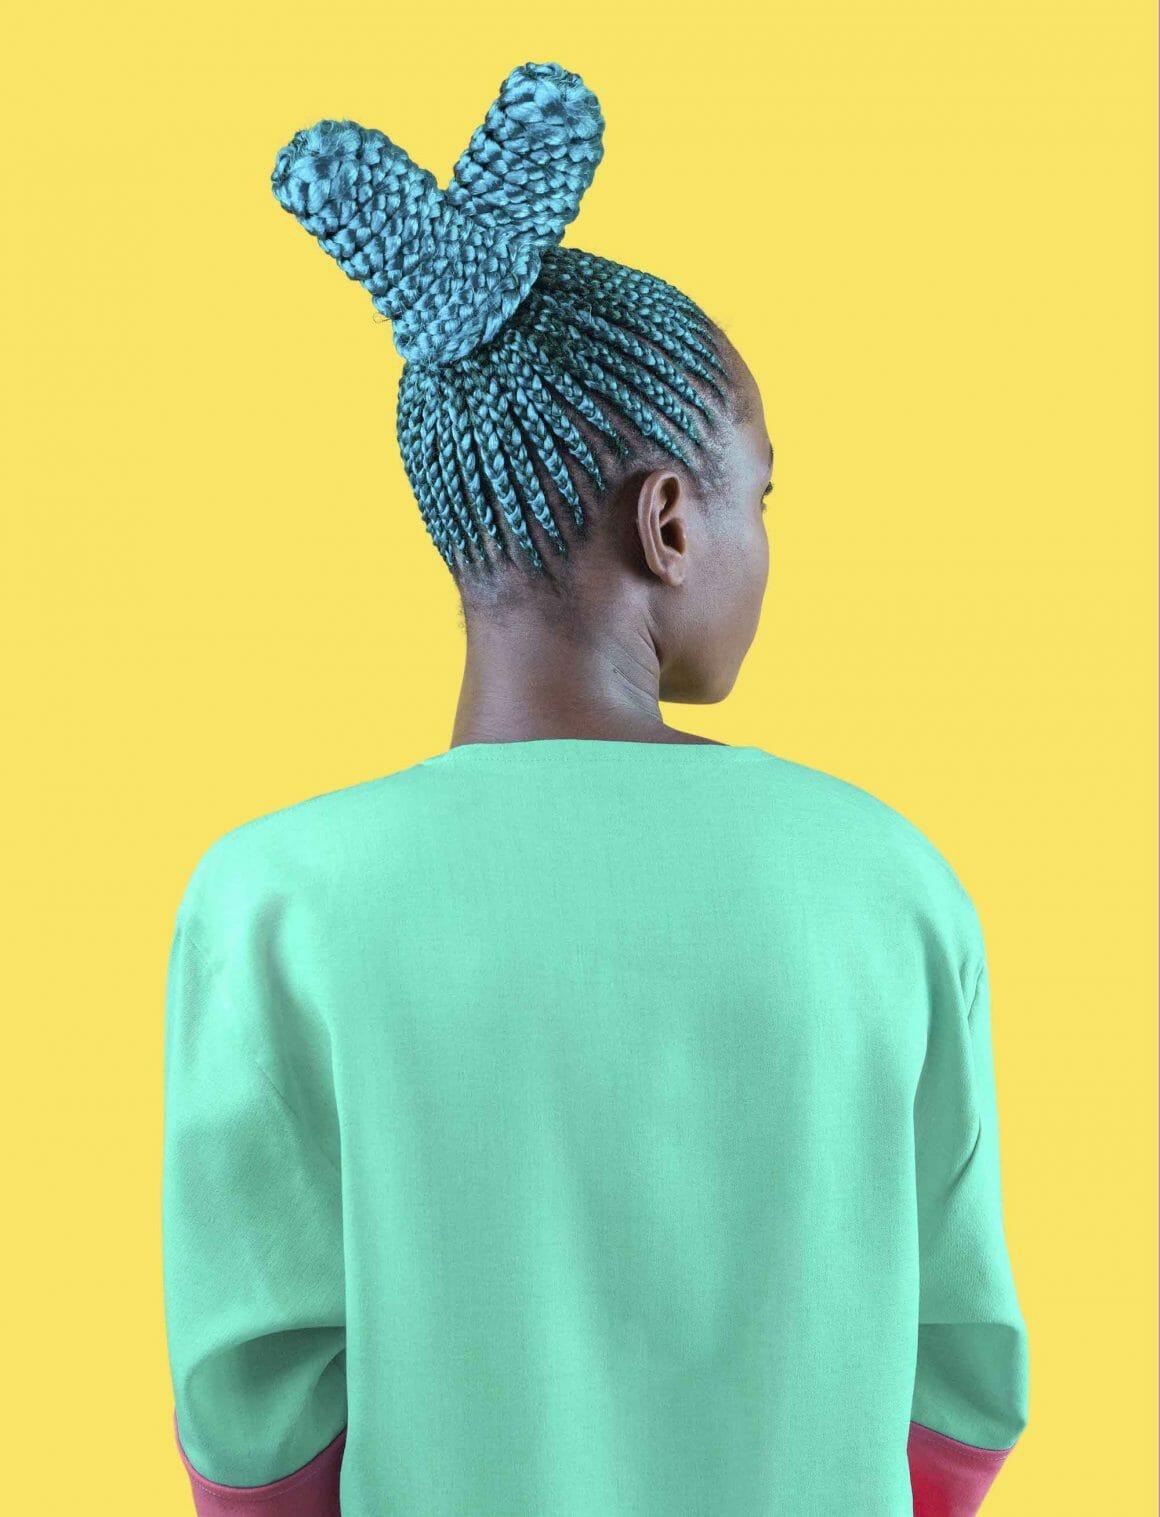 Aqua Suku coiffure traditionale nigeriane